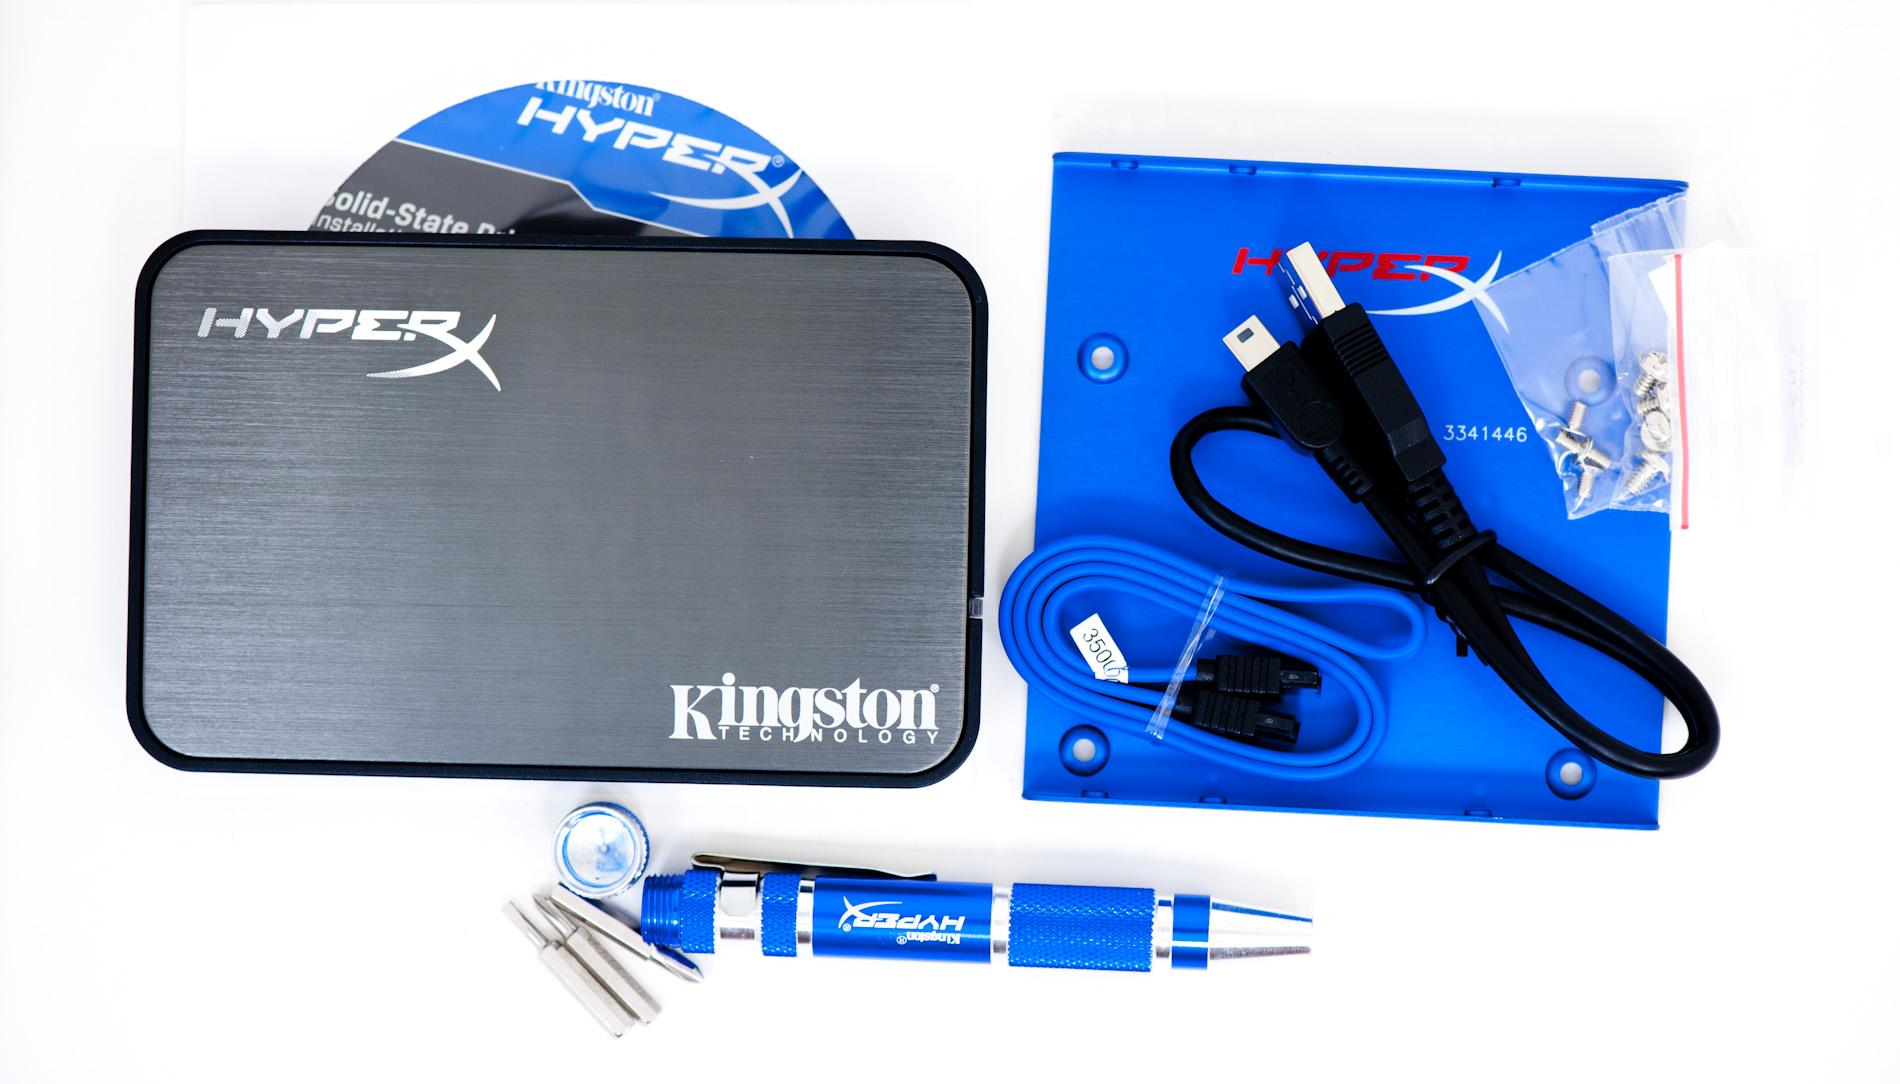 Kingston Hyperx 3k 240gb Ssd Review